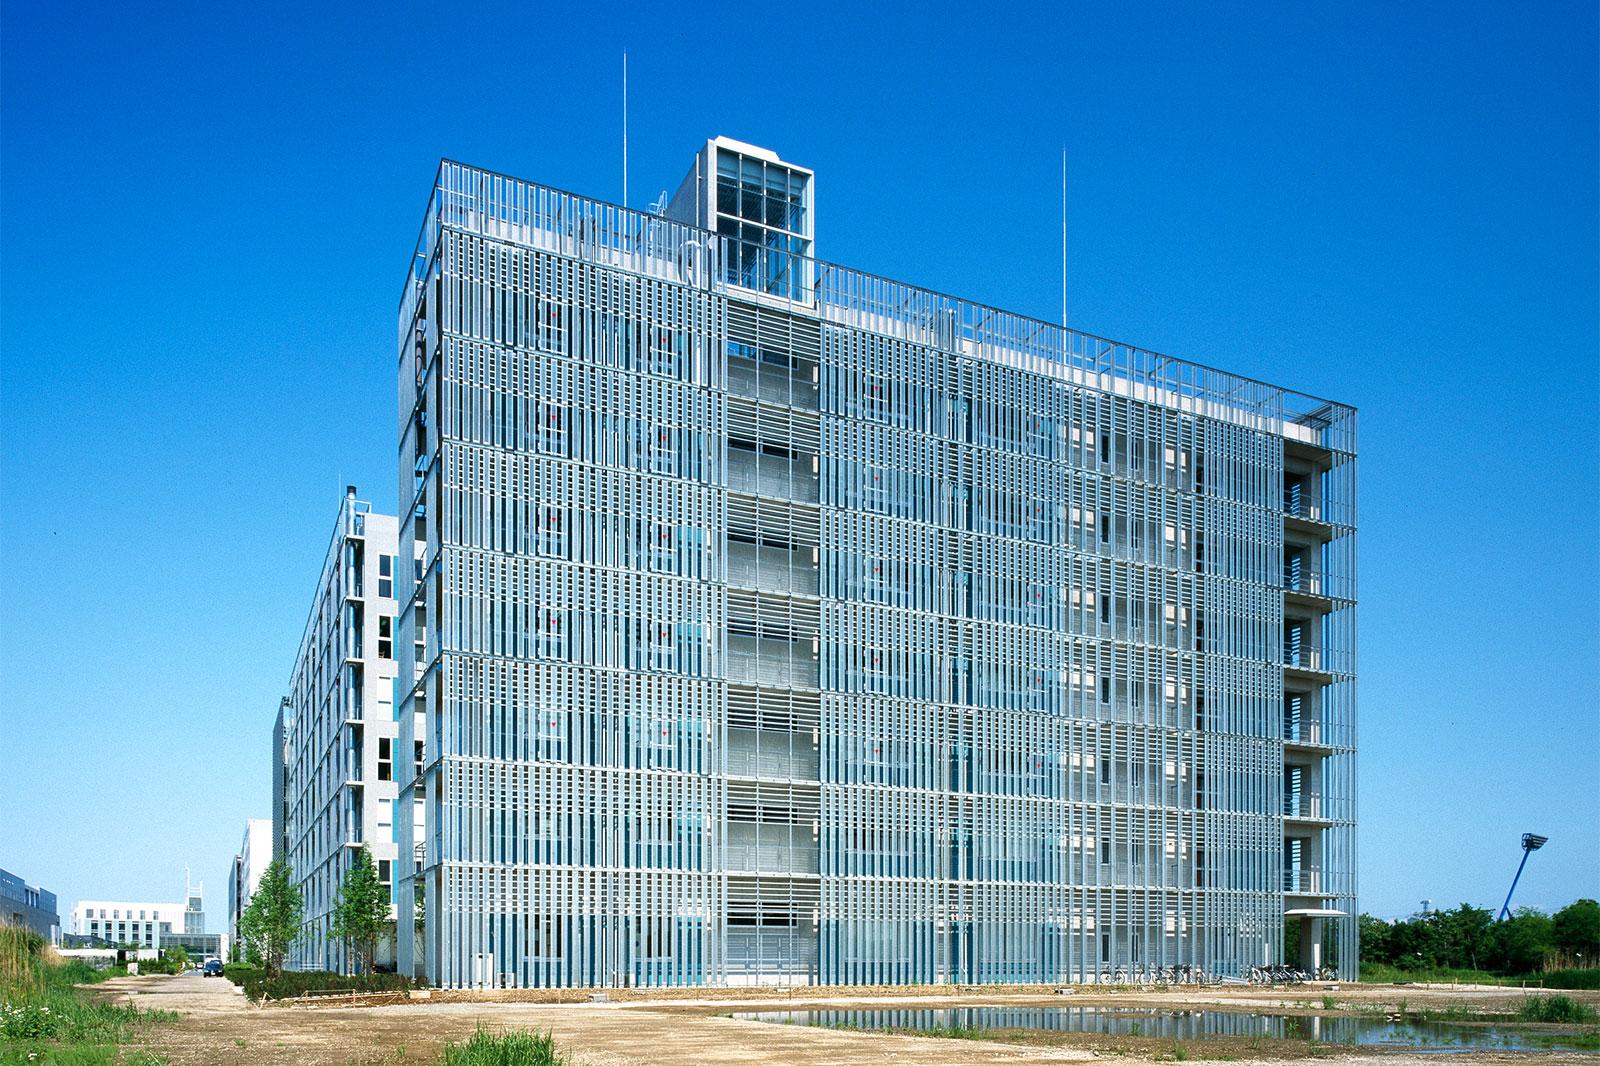 東京大学 柏キャンパス 環境棟